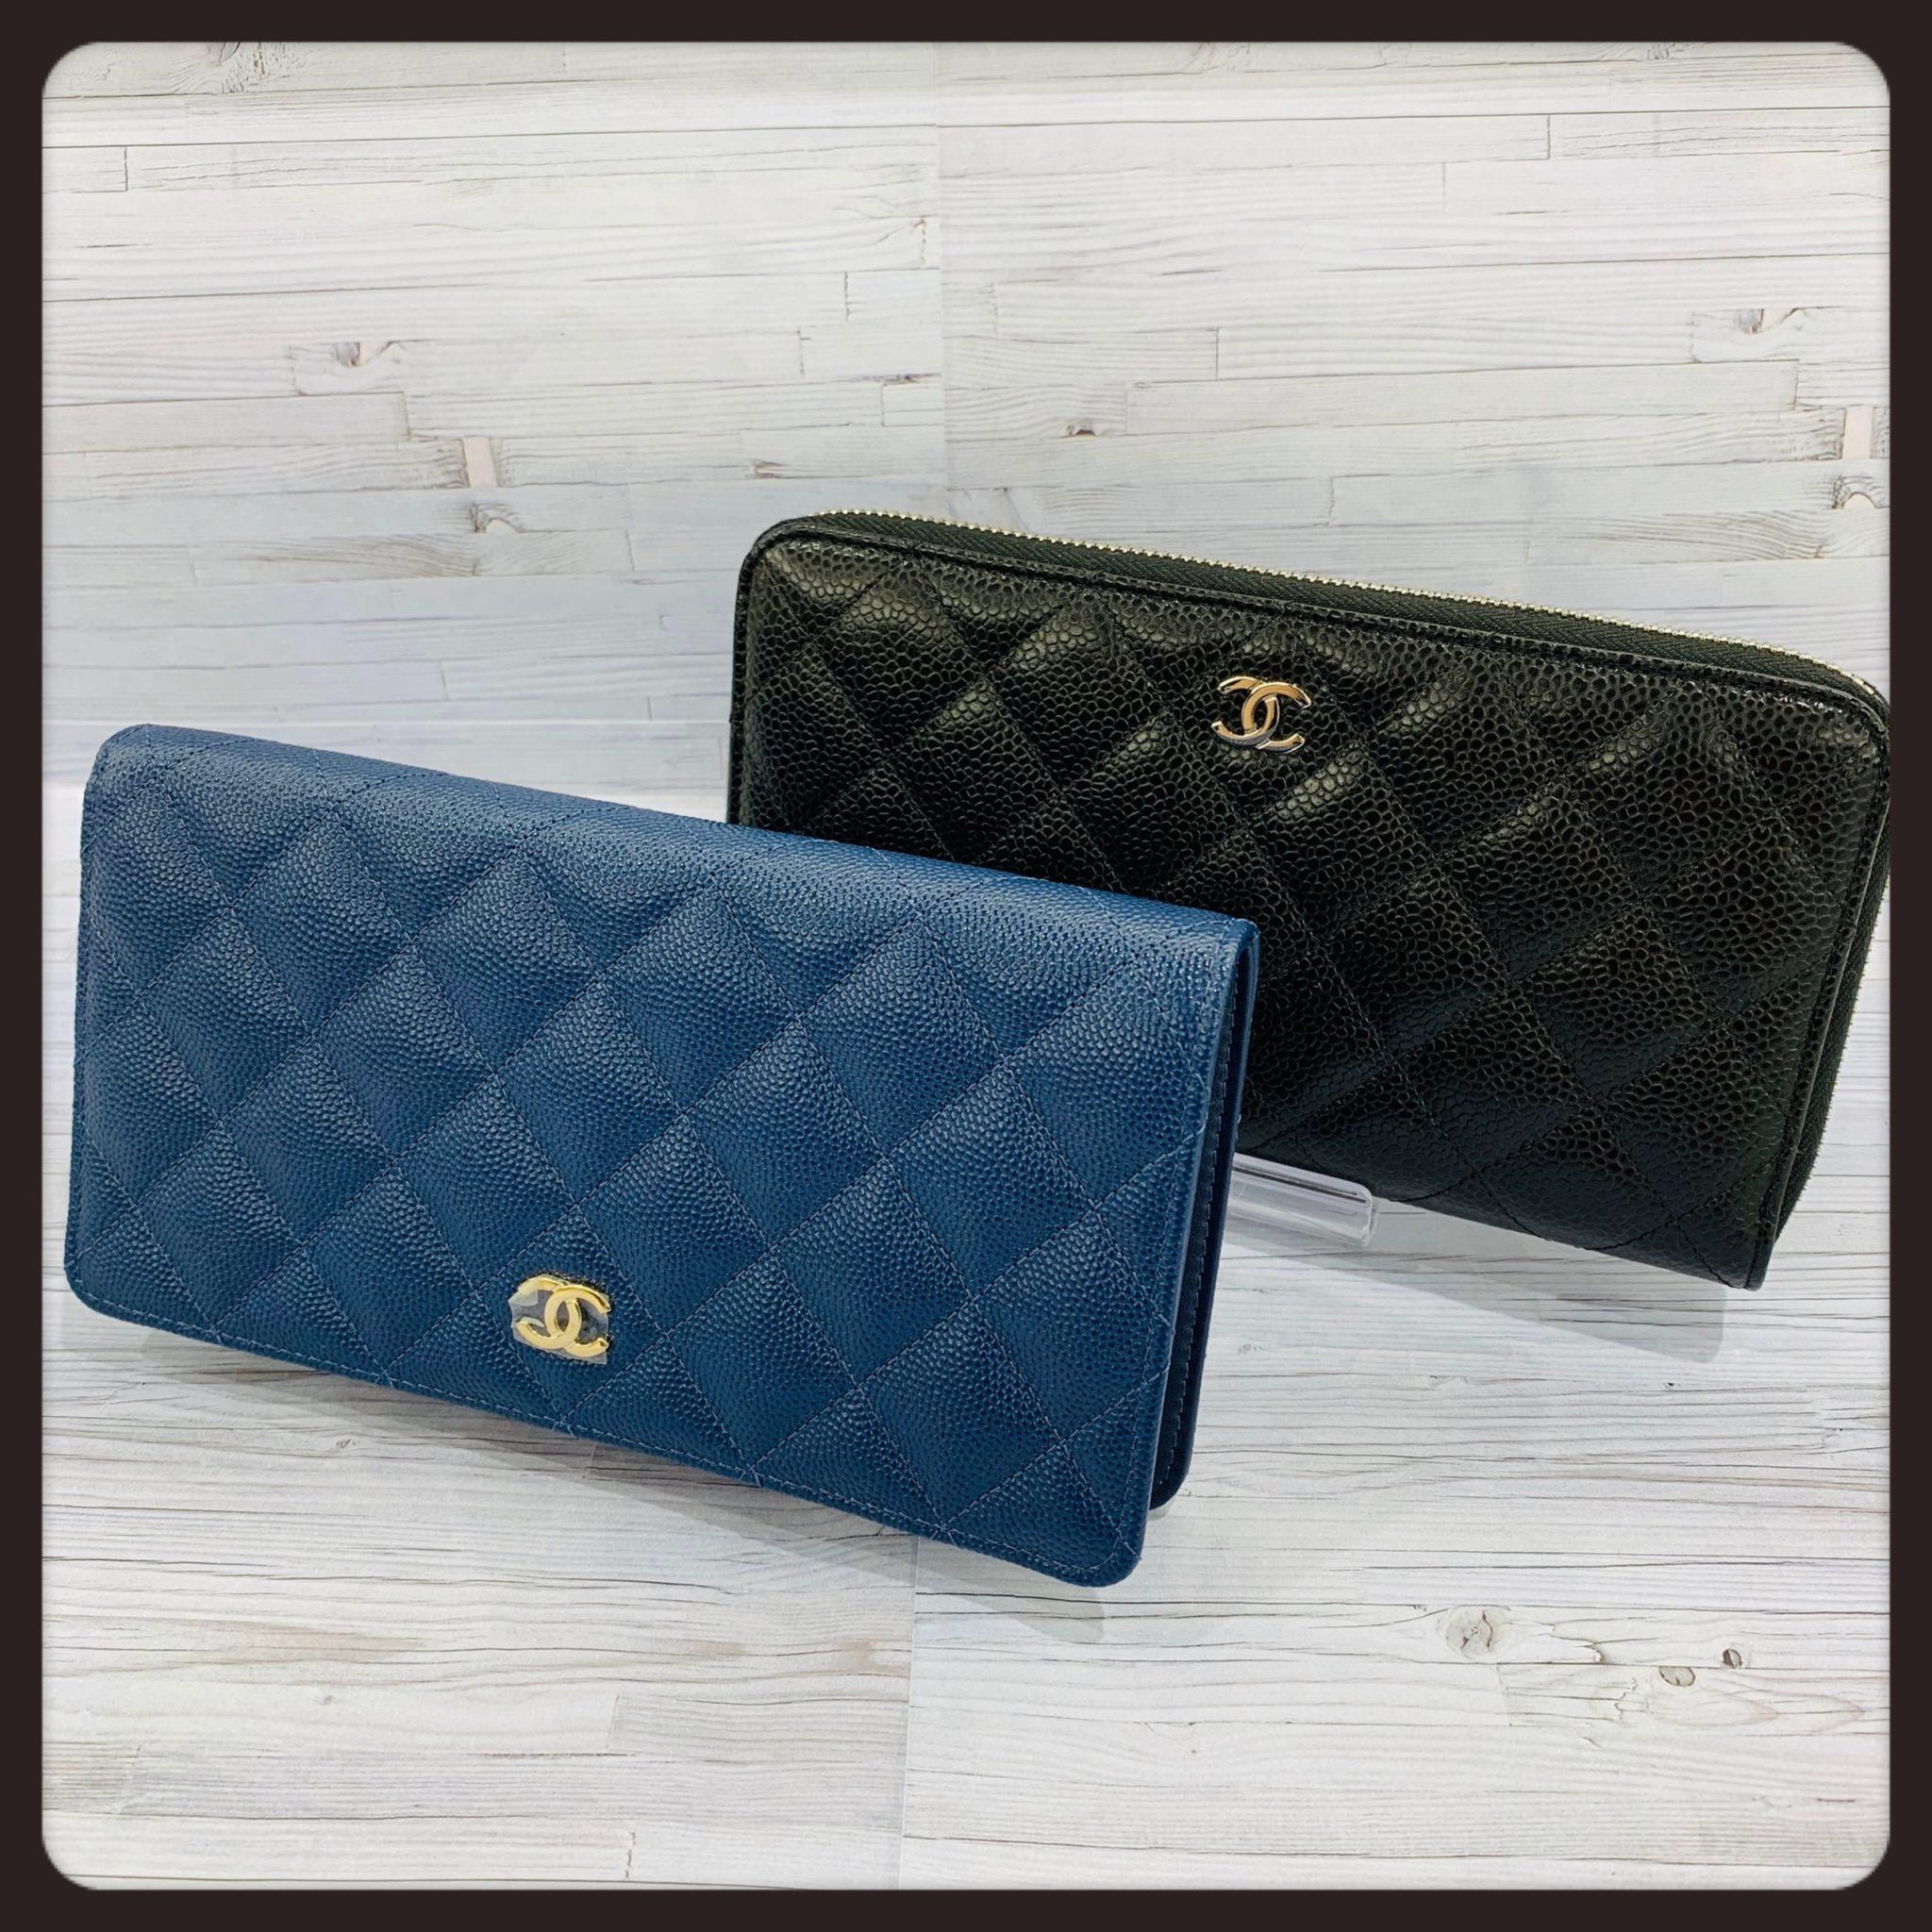 【CHANEL 販売 盛岡】シンプルな中に高級感♡飽きずに長くお使いいただける【CHANEL】の財布